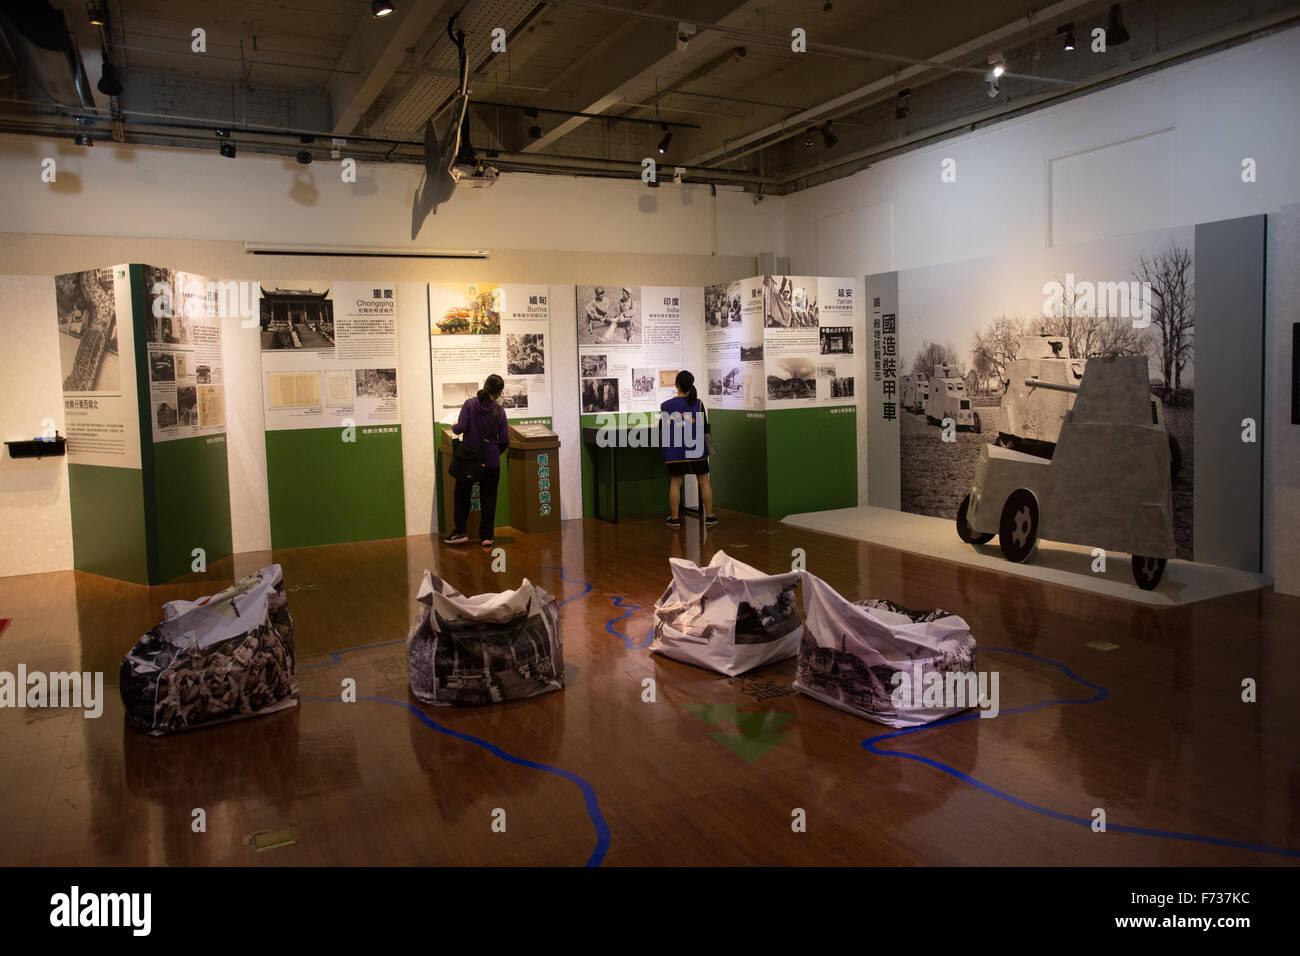 taipei history museum Academia Historica - Stock Image